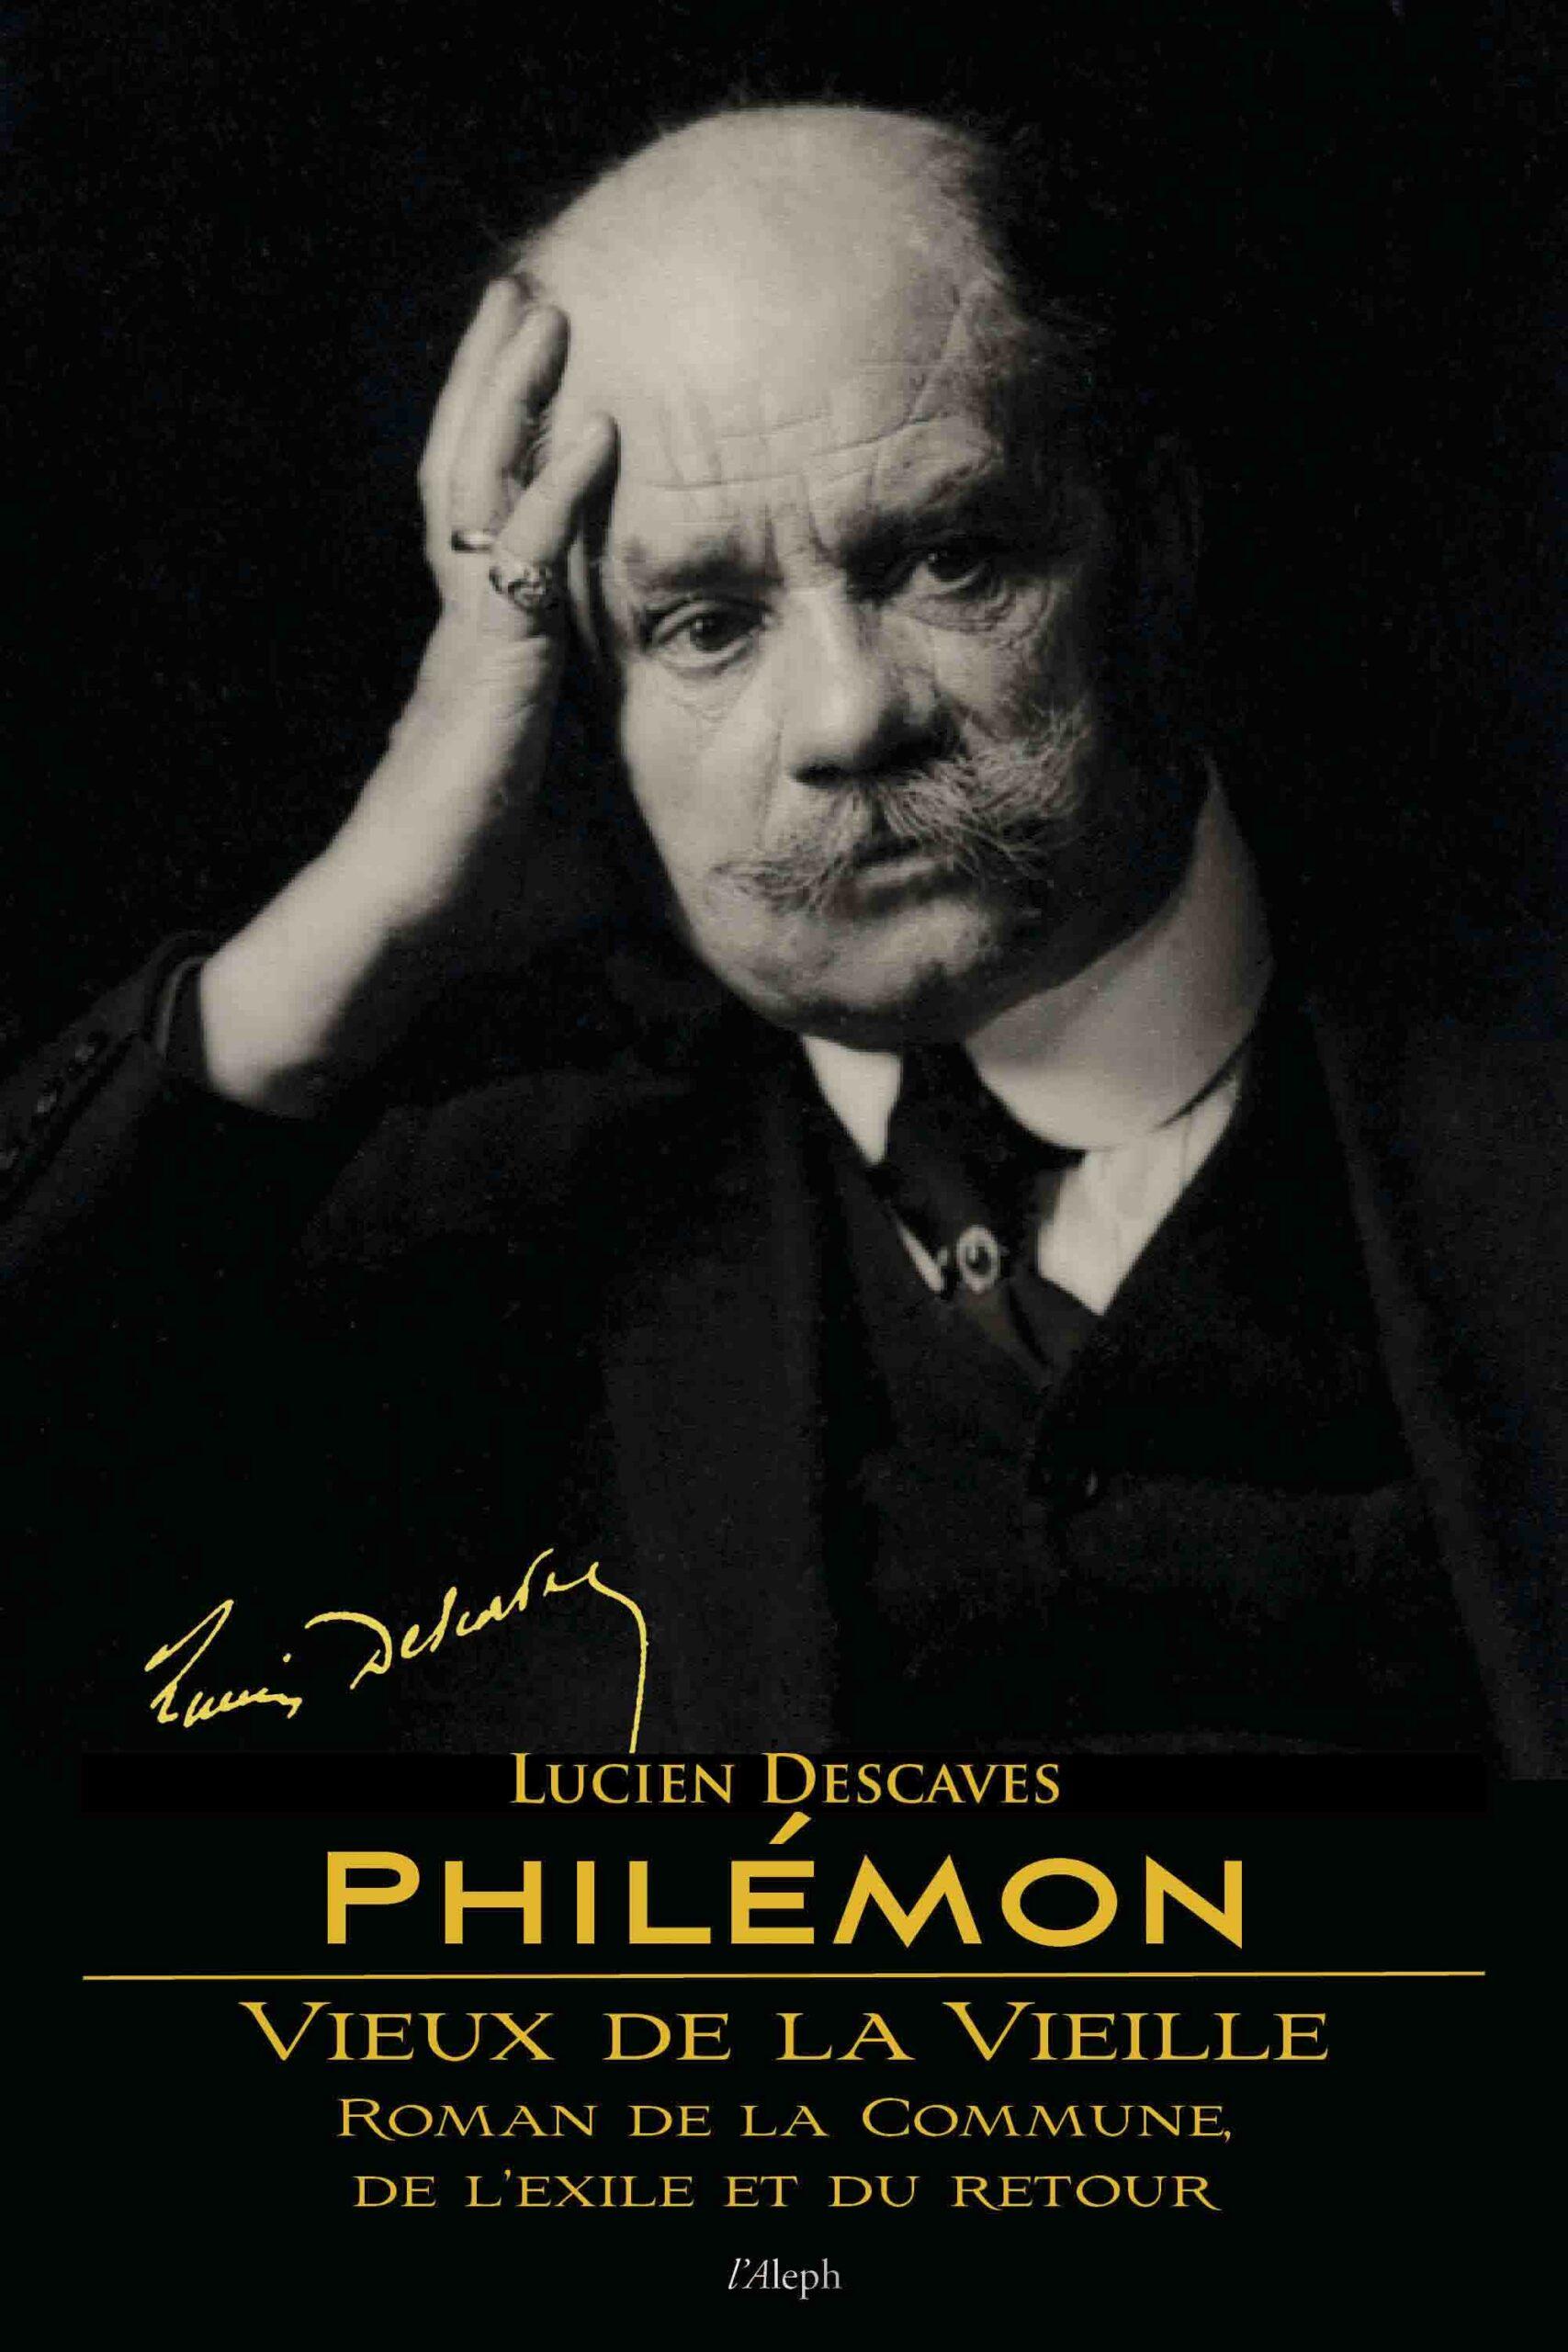 Philémon—Vieux de la Vieille